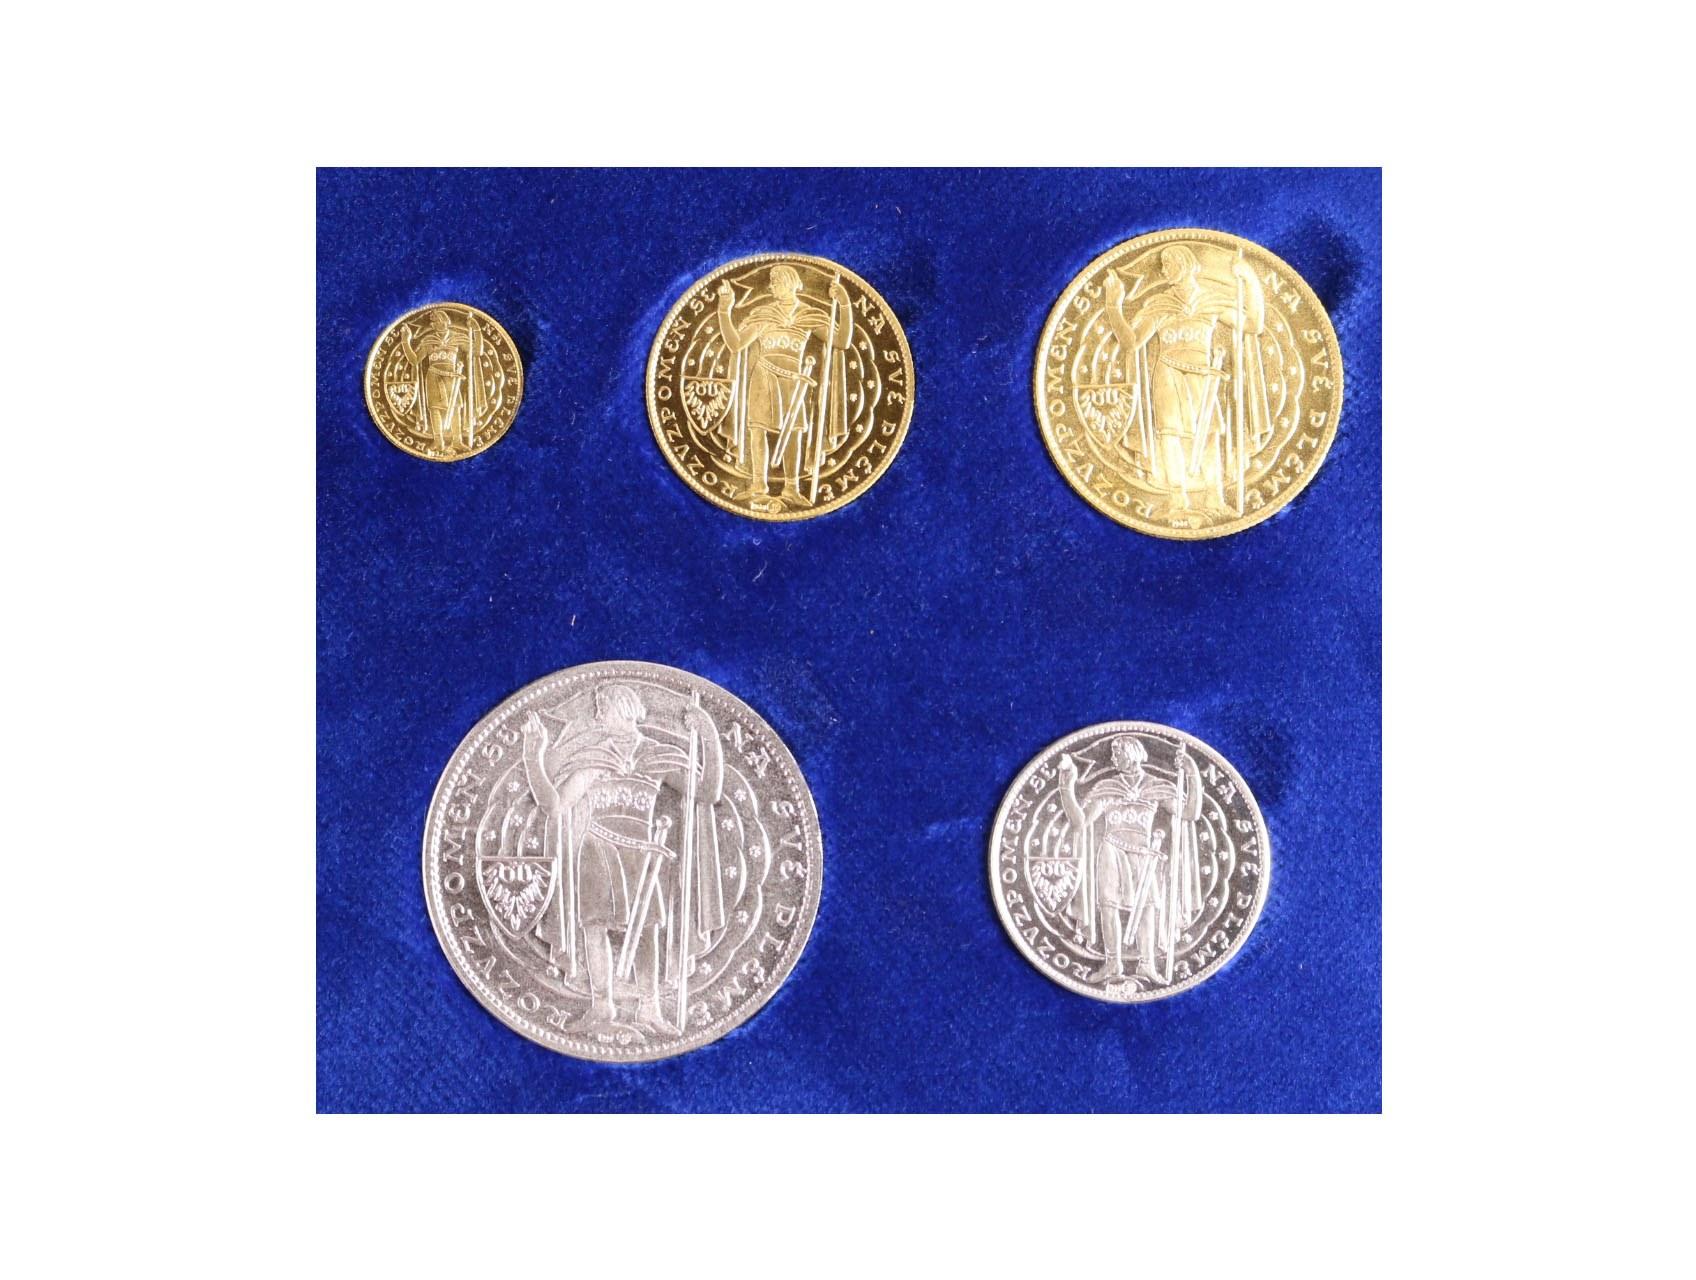 2017, Mincovňa Kremnica, velká sada medailí na milénium sv. Václava, Au 0,986, 4 + 12 + 20g, Ag 0,999, 15 + 30g, náklad 100 ks, číslované certifikáty, tato sada má číslo